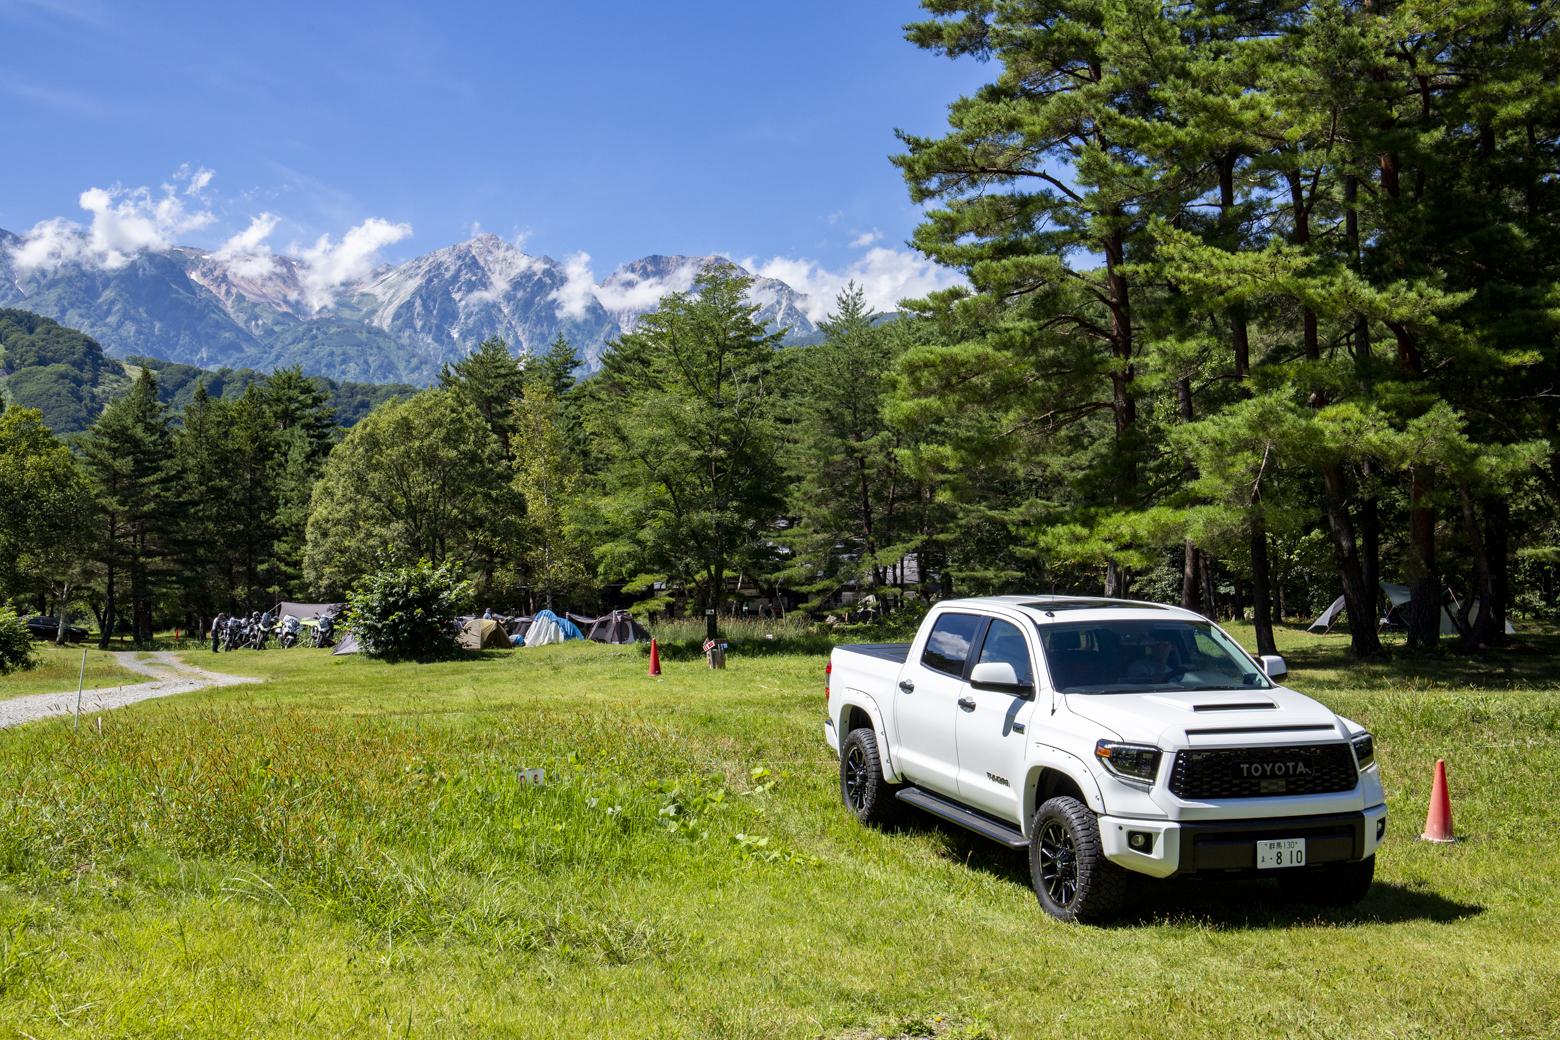 大人数でのキャンプ、大型キャンピングカーでの旅にも最適!